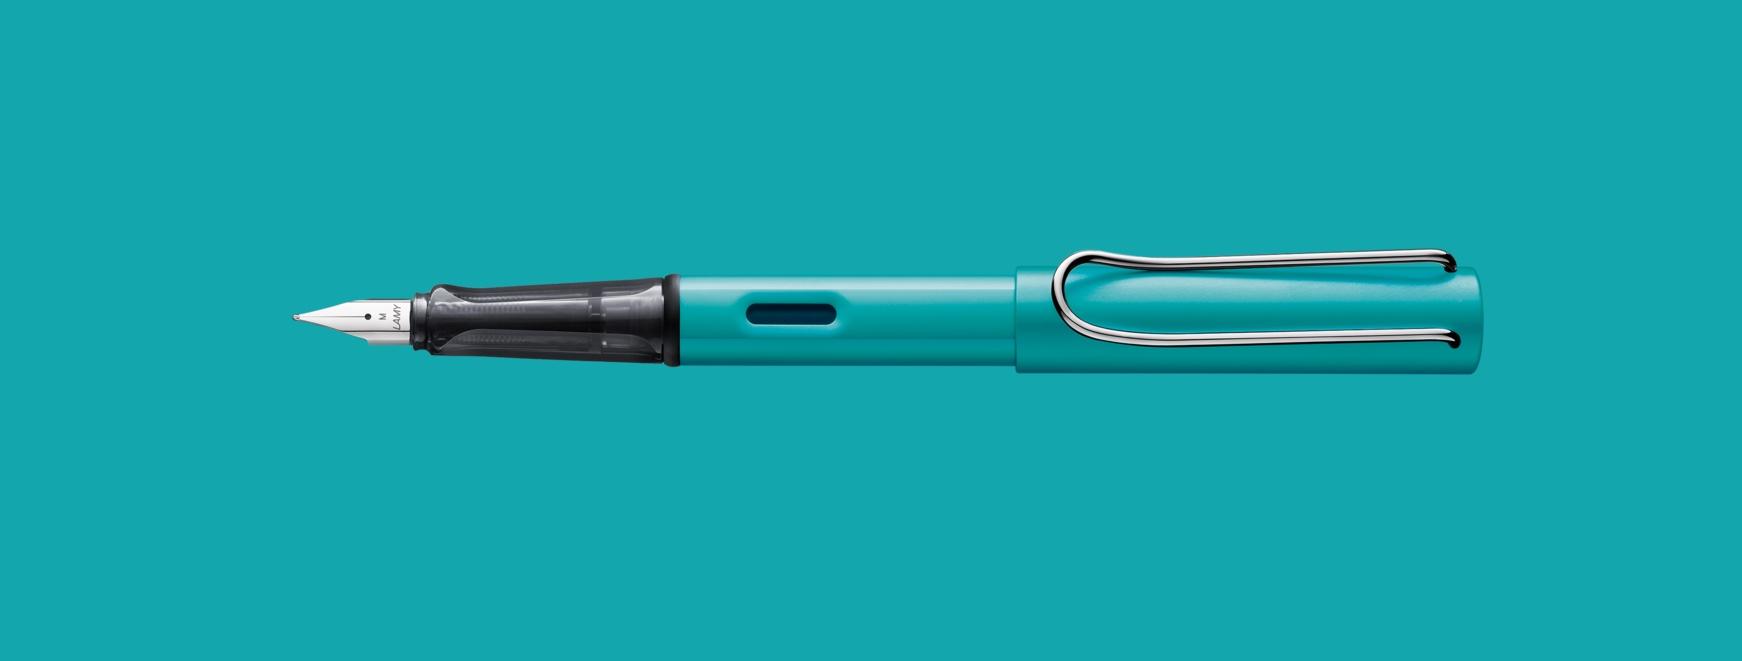 ปากกา LAMY รุ่น AL-star